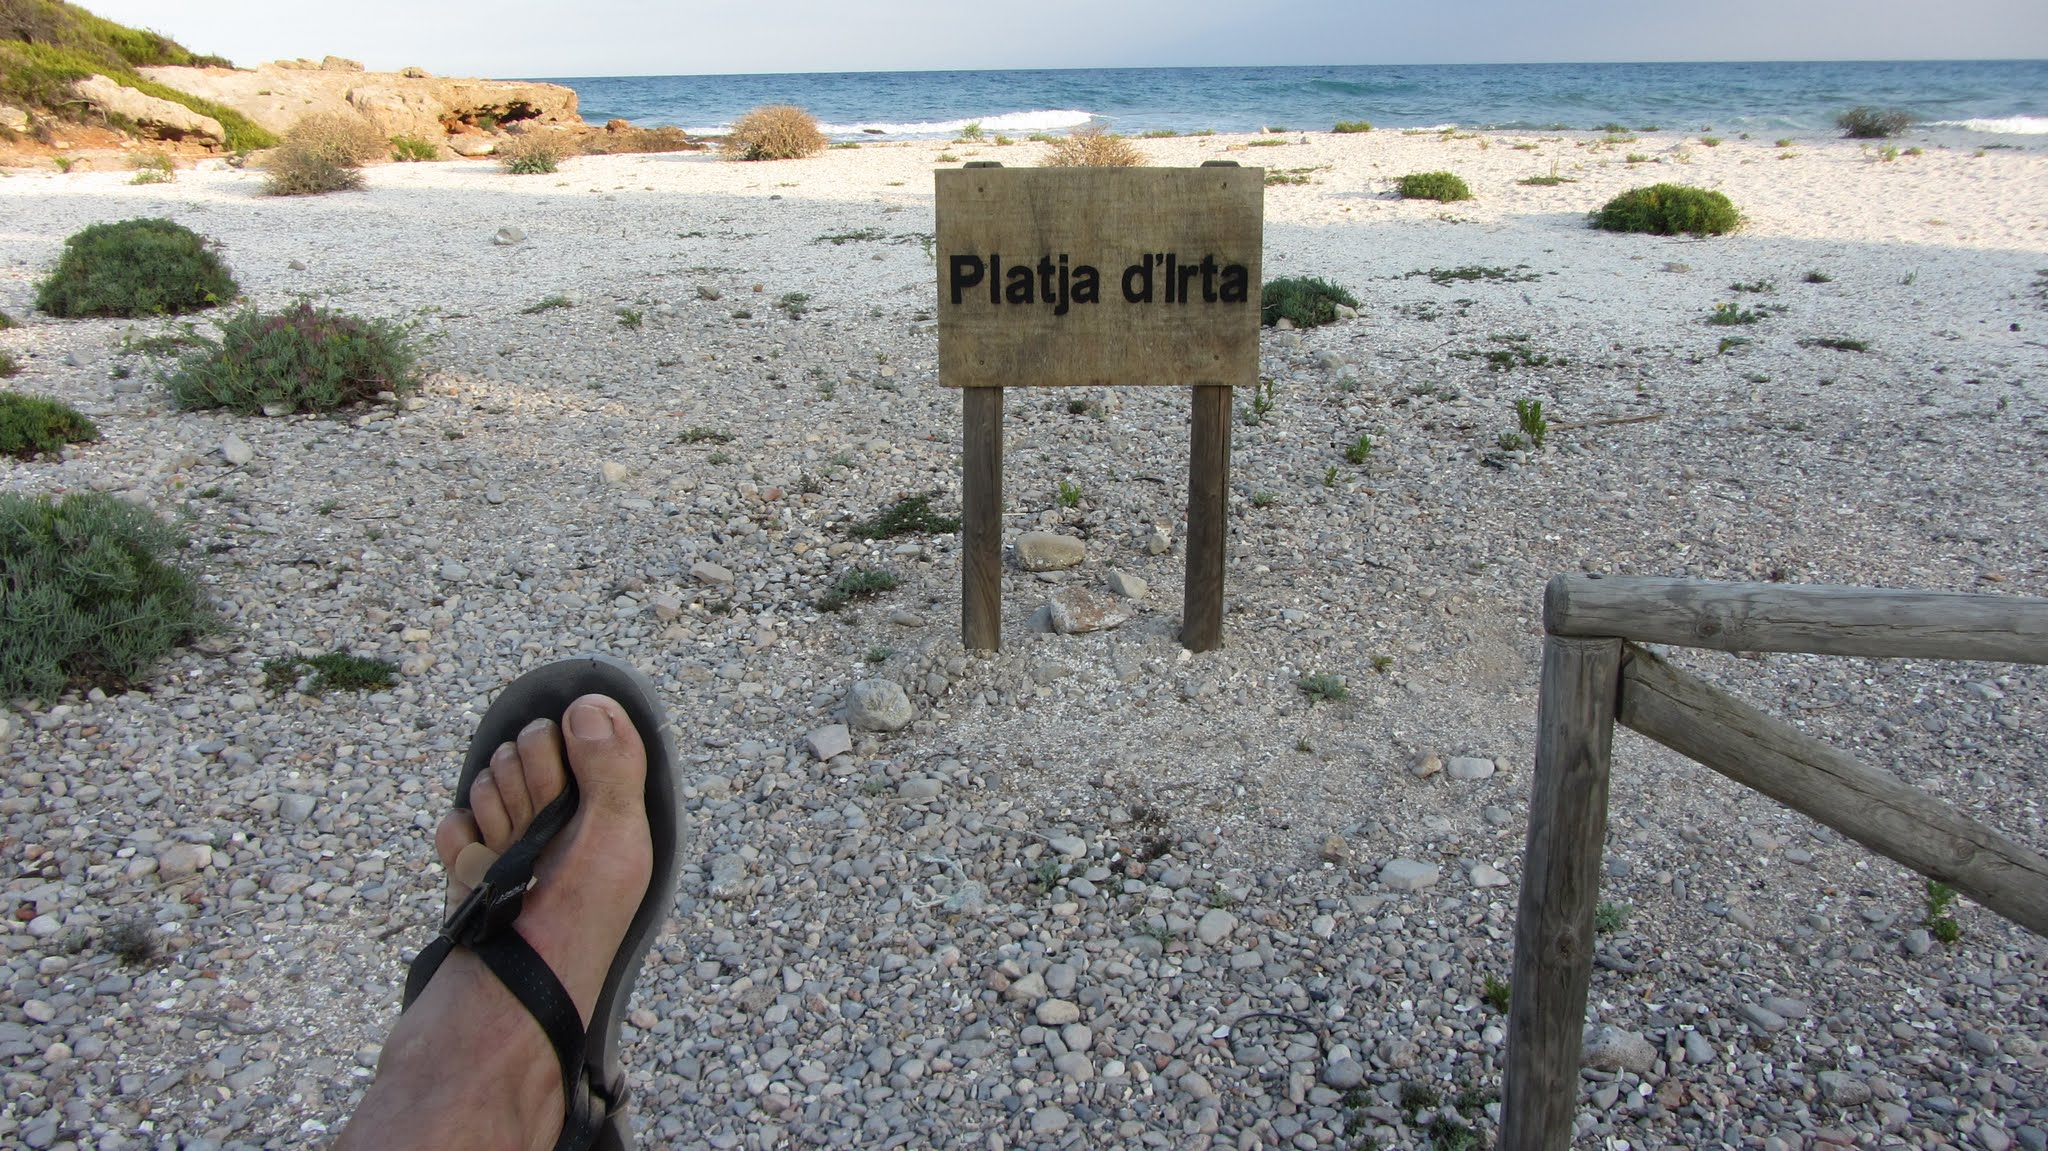 platja_irta